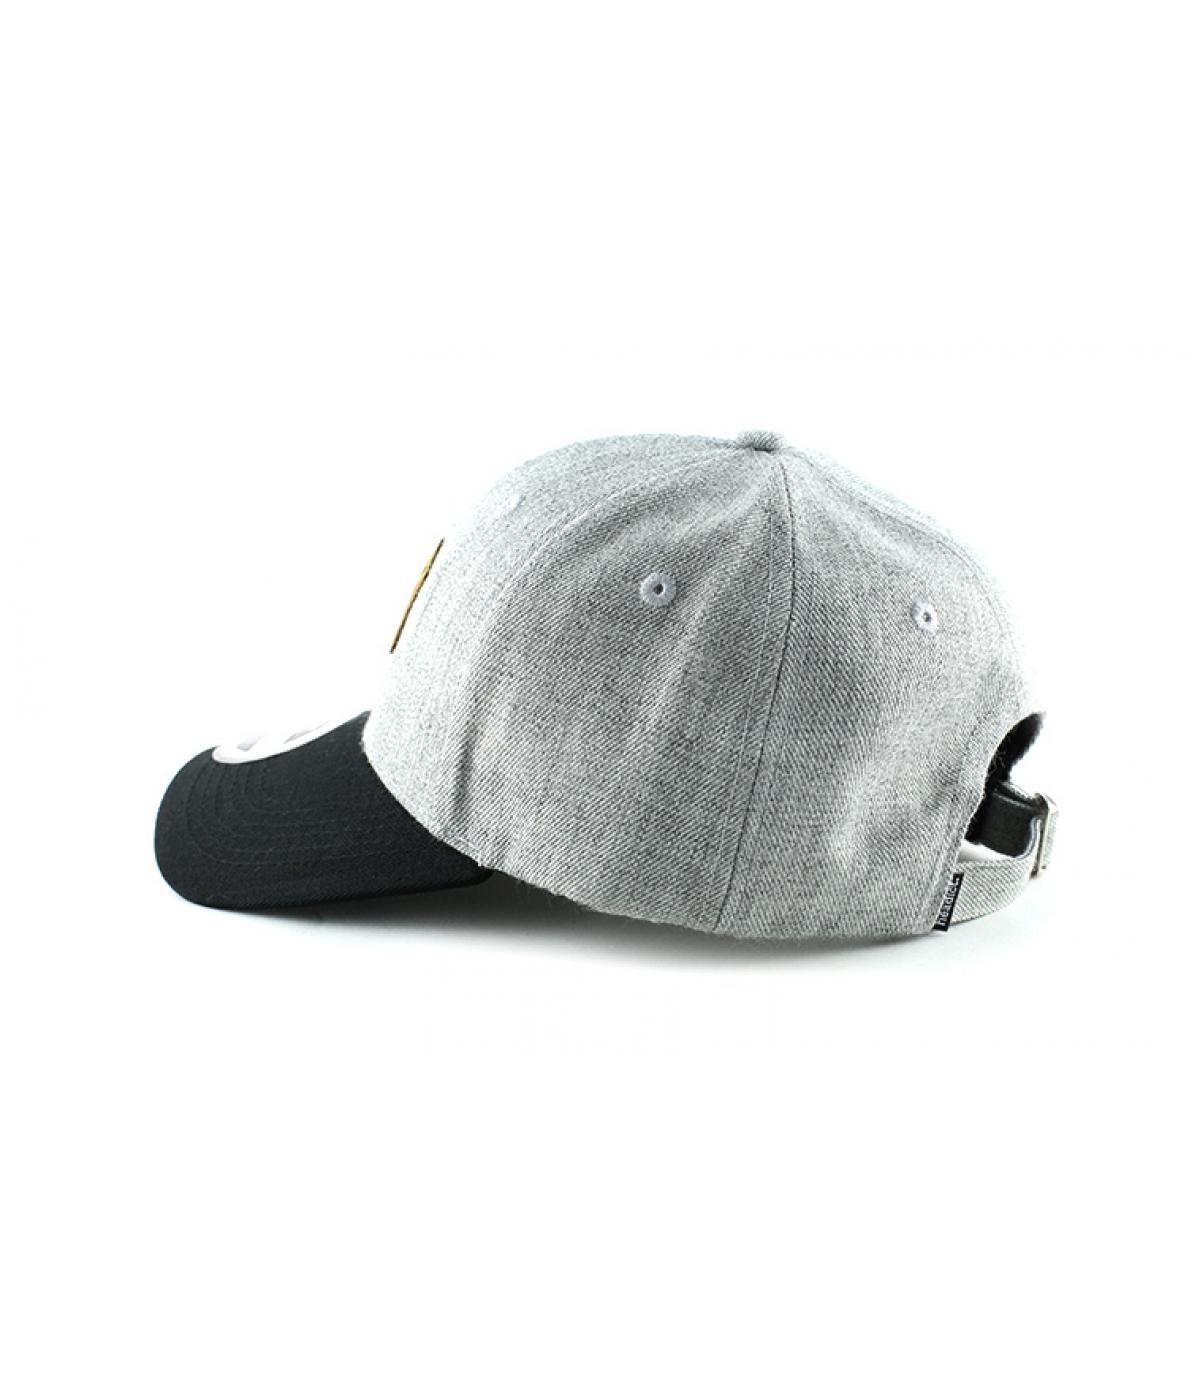 Dettagli Curve Chifoumi grey balck - image 4